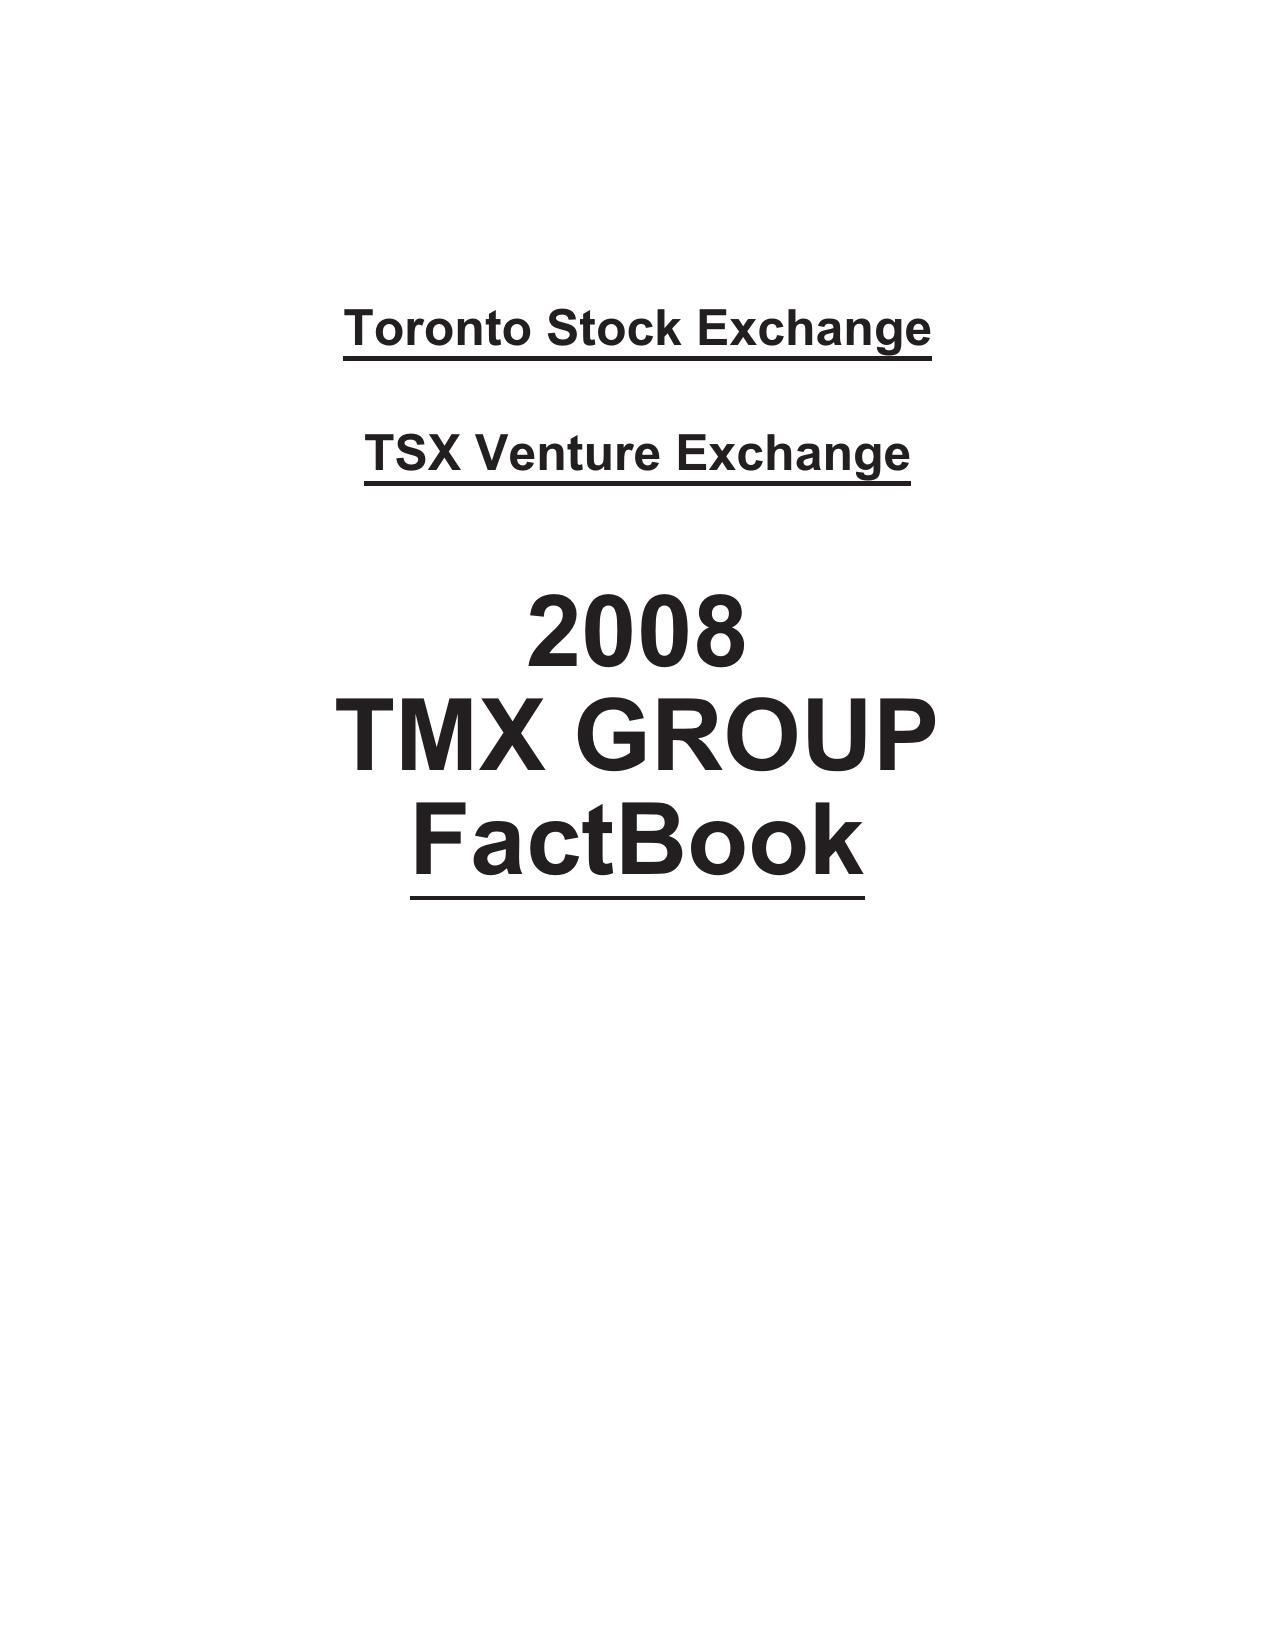 2008 TMX GROUP FactBook   manualzz com